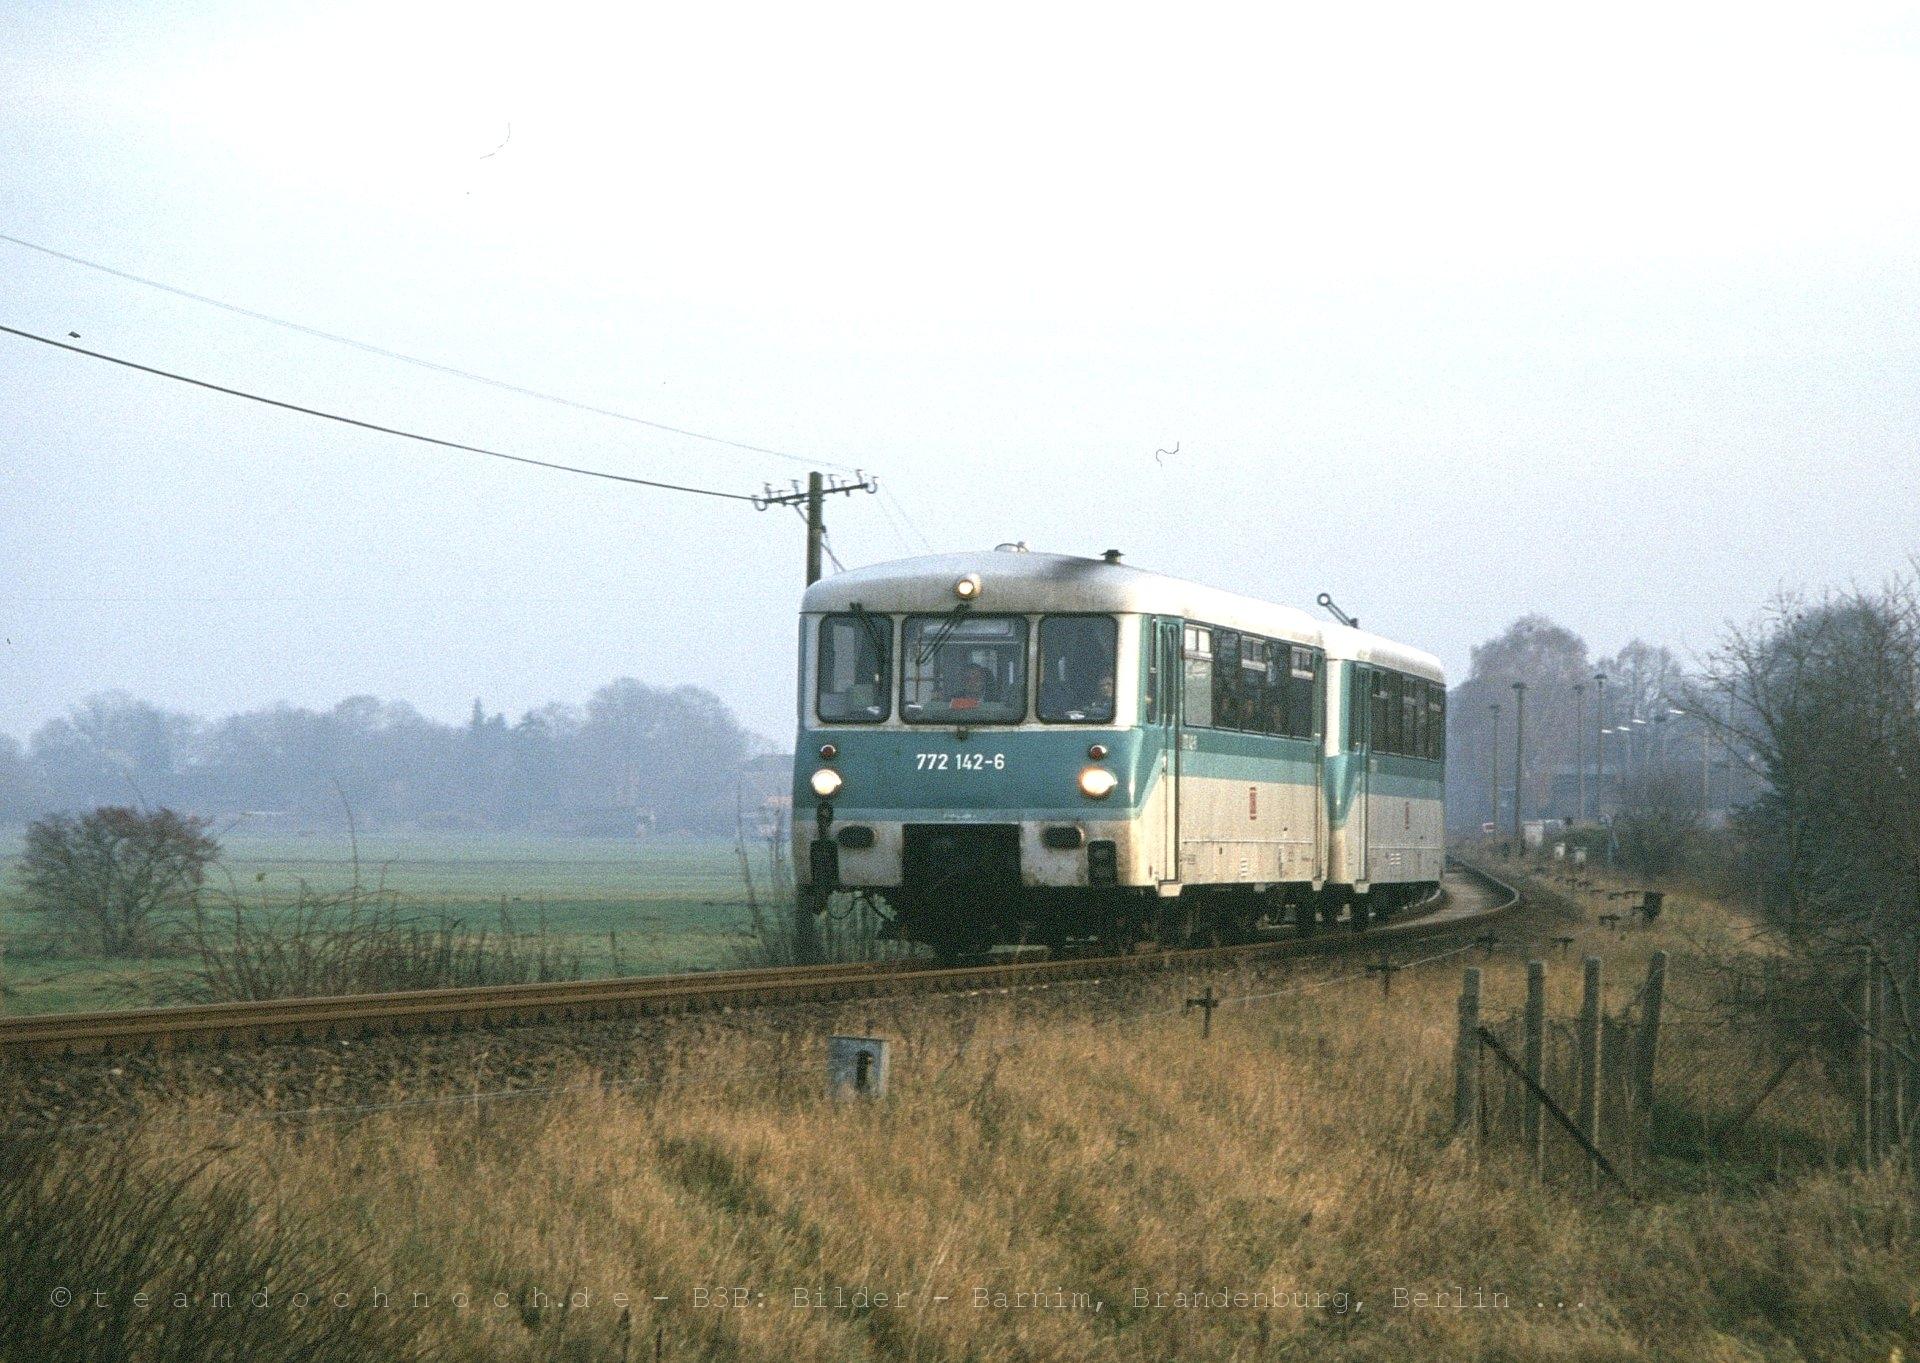 772 142-6 bei der Ausfahrt aus dem Bahnhof Joachimsthal